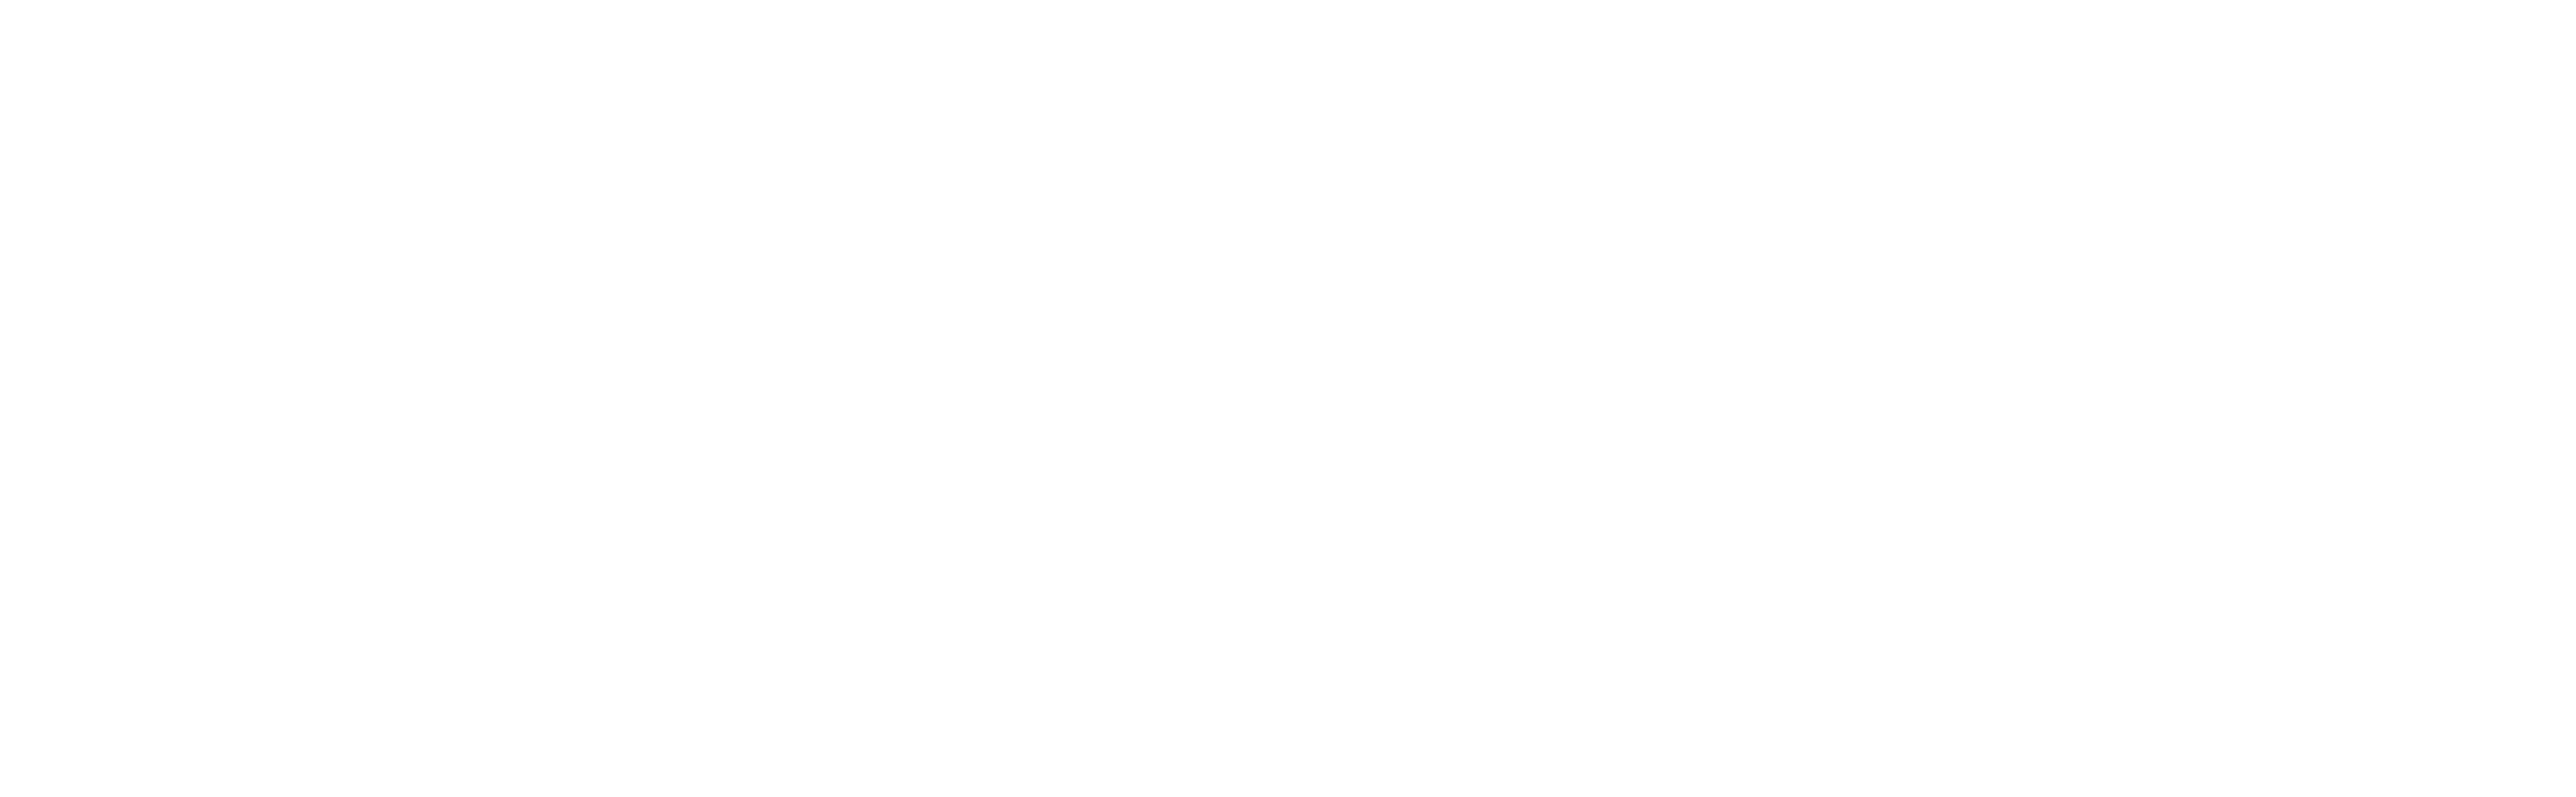 Archivo General De La Nacin Gobierno Gobmx